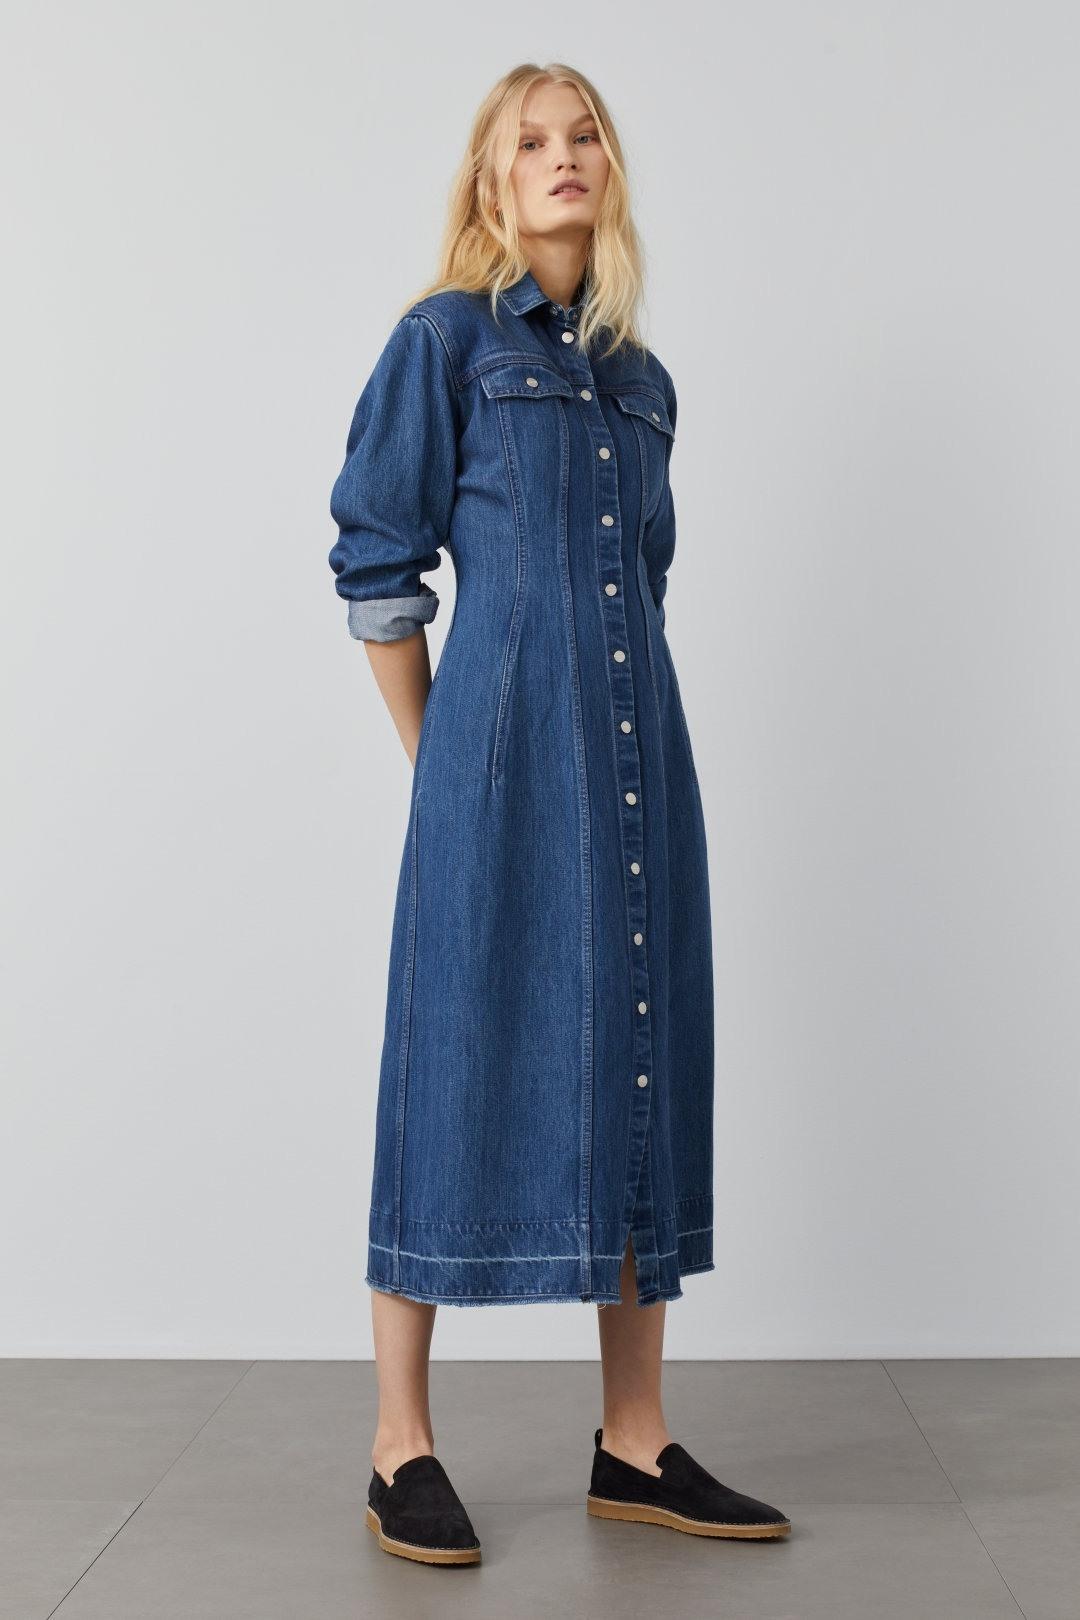 Top Kleider Kleider für 201910 Schön Kleider Kleider Design